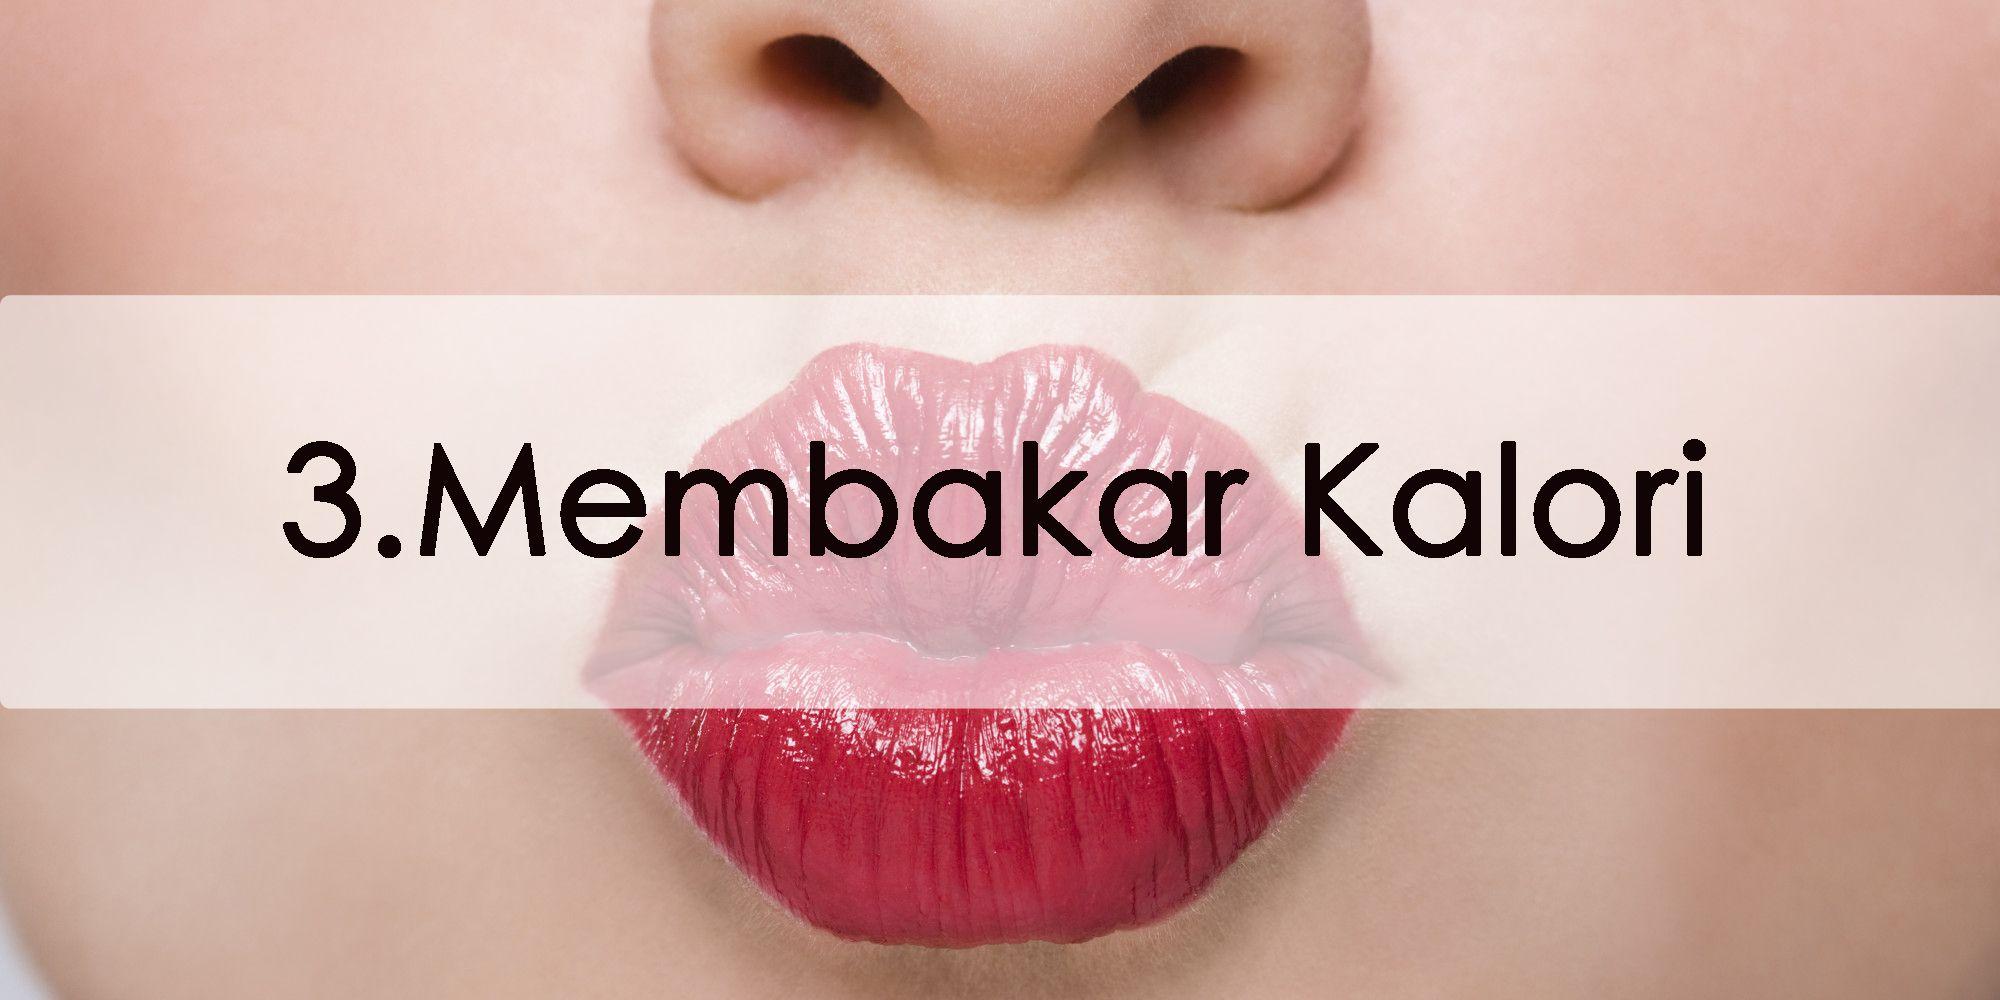 Intip 6 Manfaat Ciuman Yang Sangat Baik Untuk Kesehatan dan Kecantikan